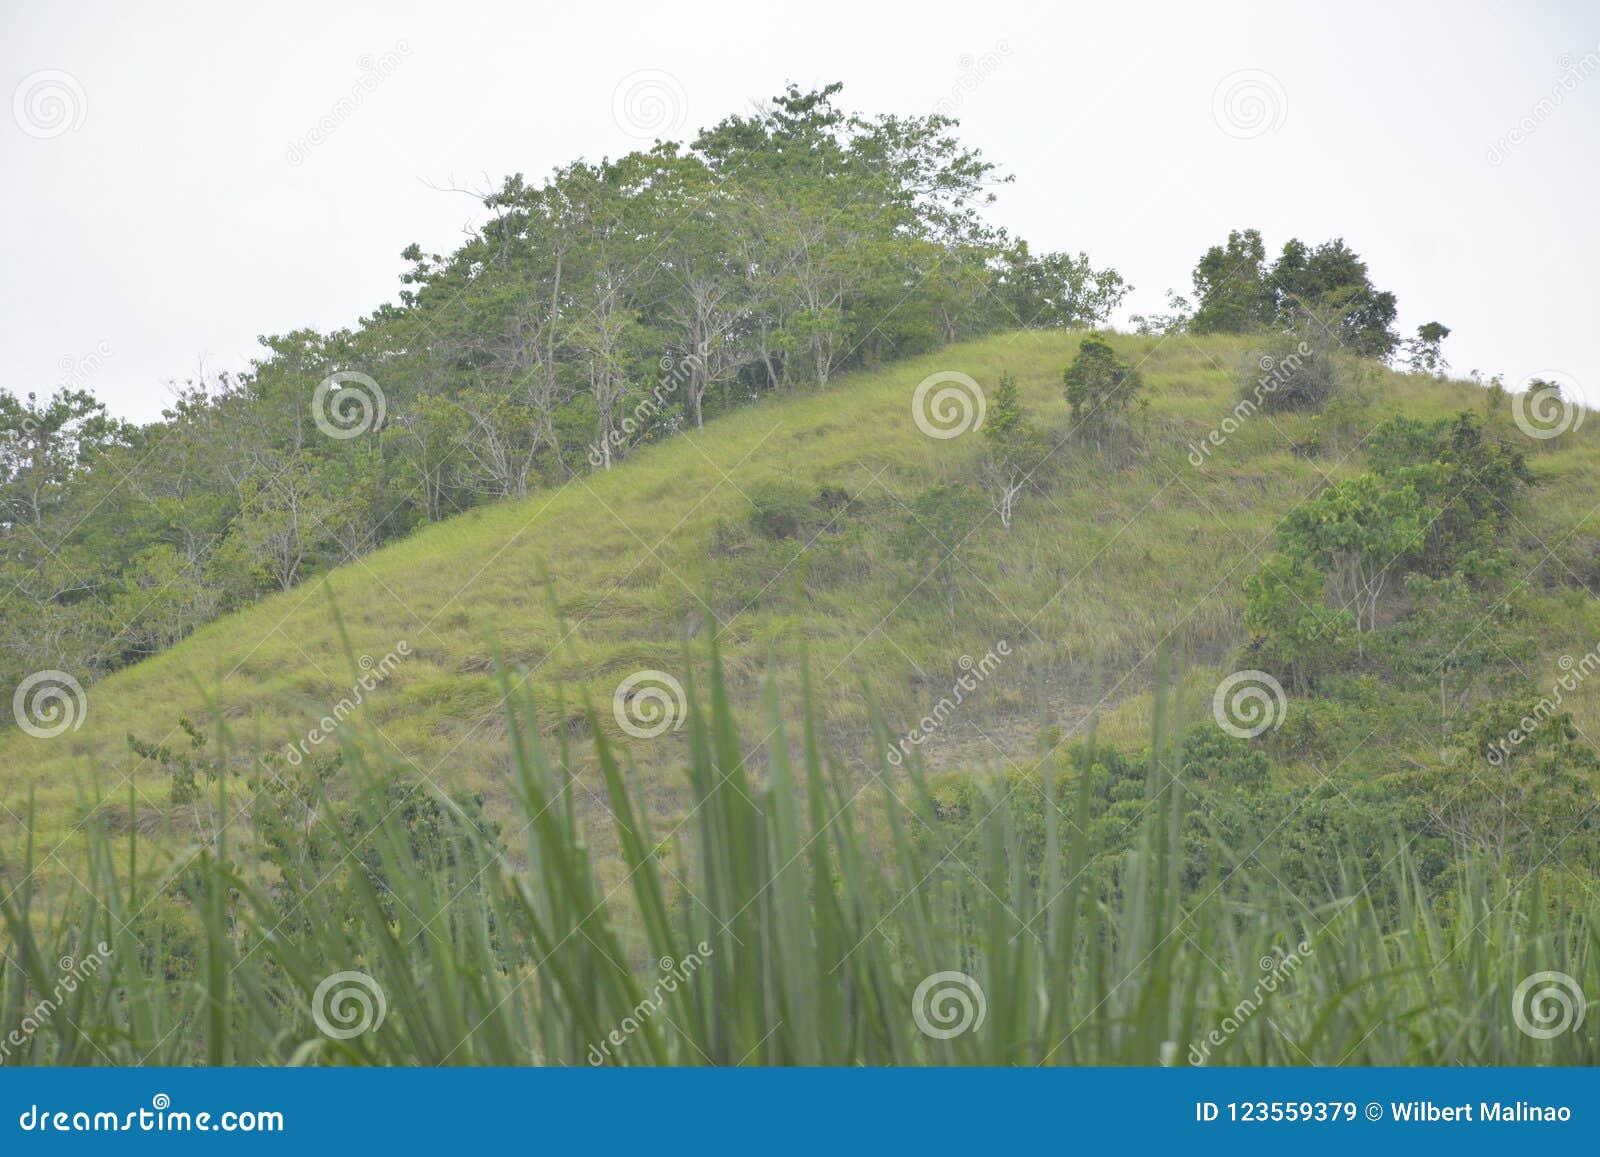 Upland que cultiva em Mahayahay, Hagonoy, Davao del Sur, Filipinas